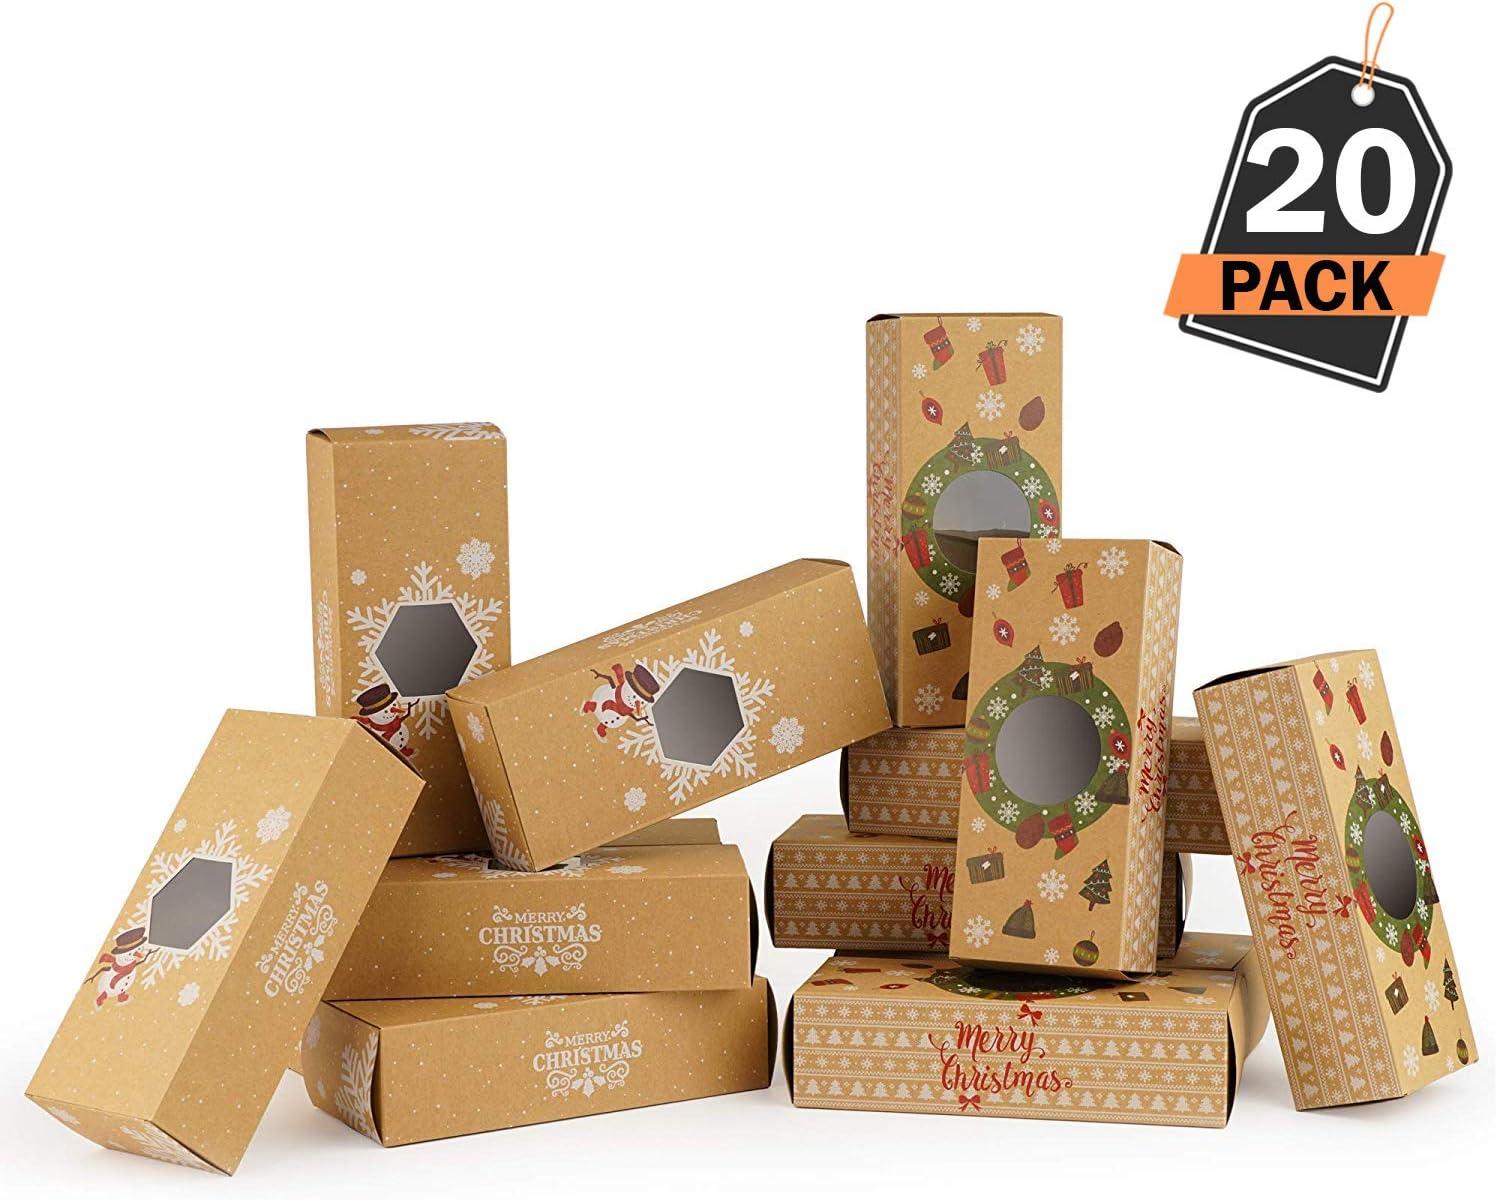 20 Cajas de Regalo para Navidad – Cajas Kfraft para Pasteles Galletas – Accesorio para Repostería, Sorpresas y Mas